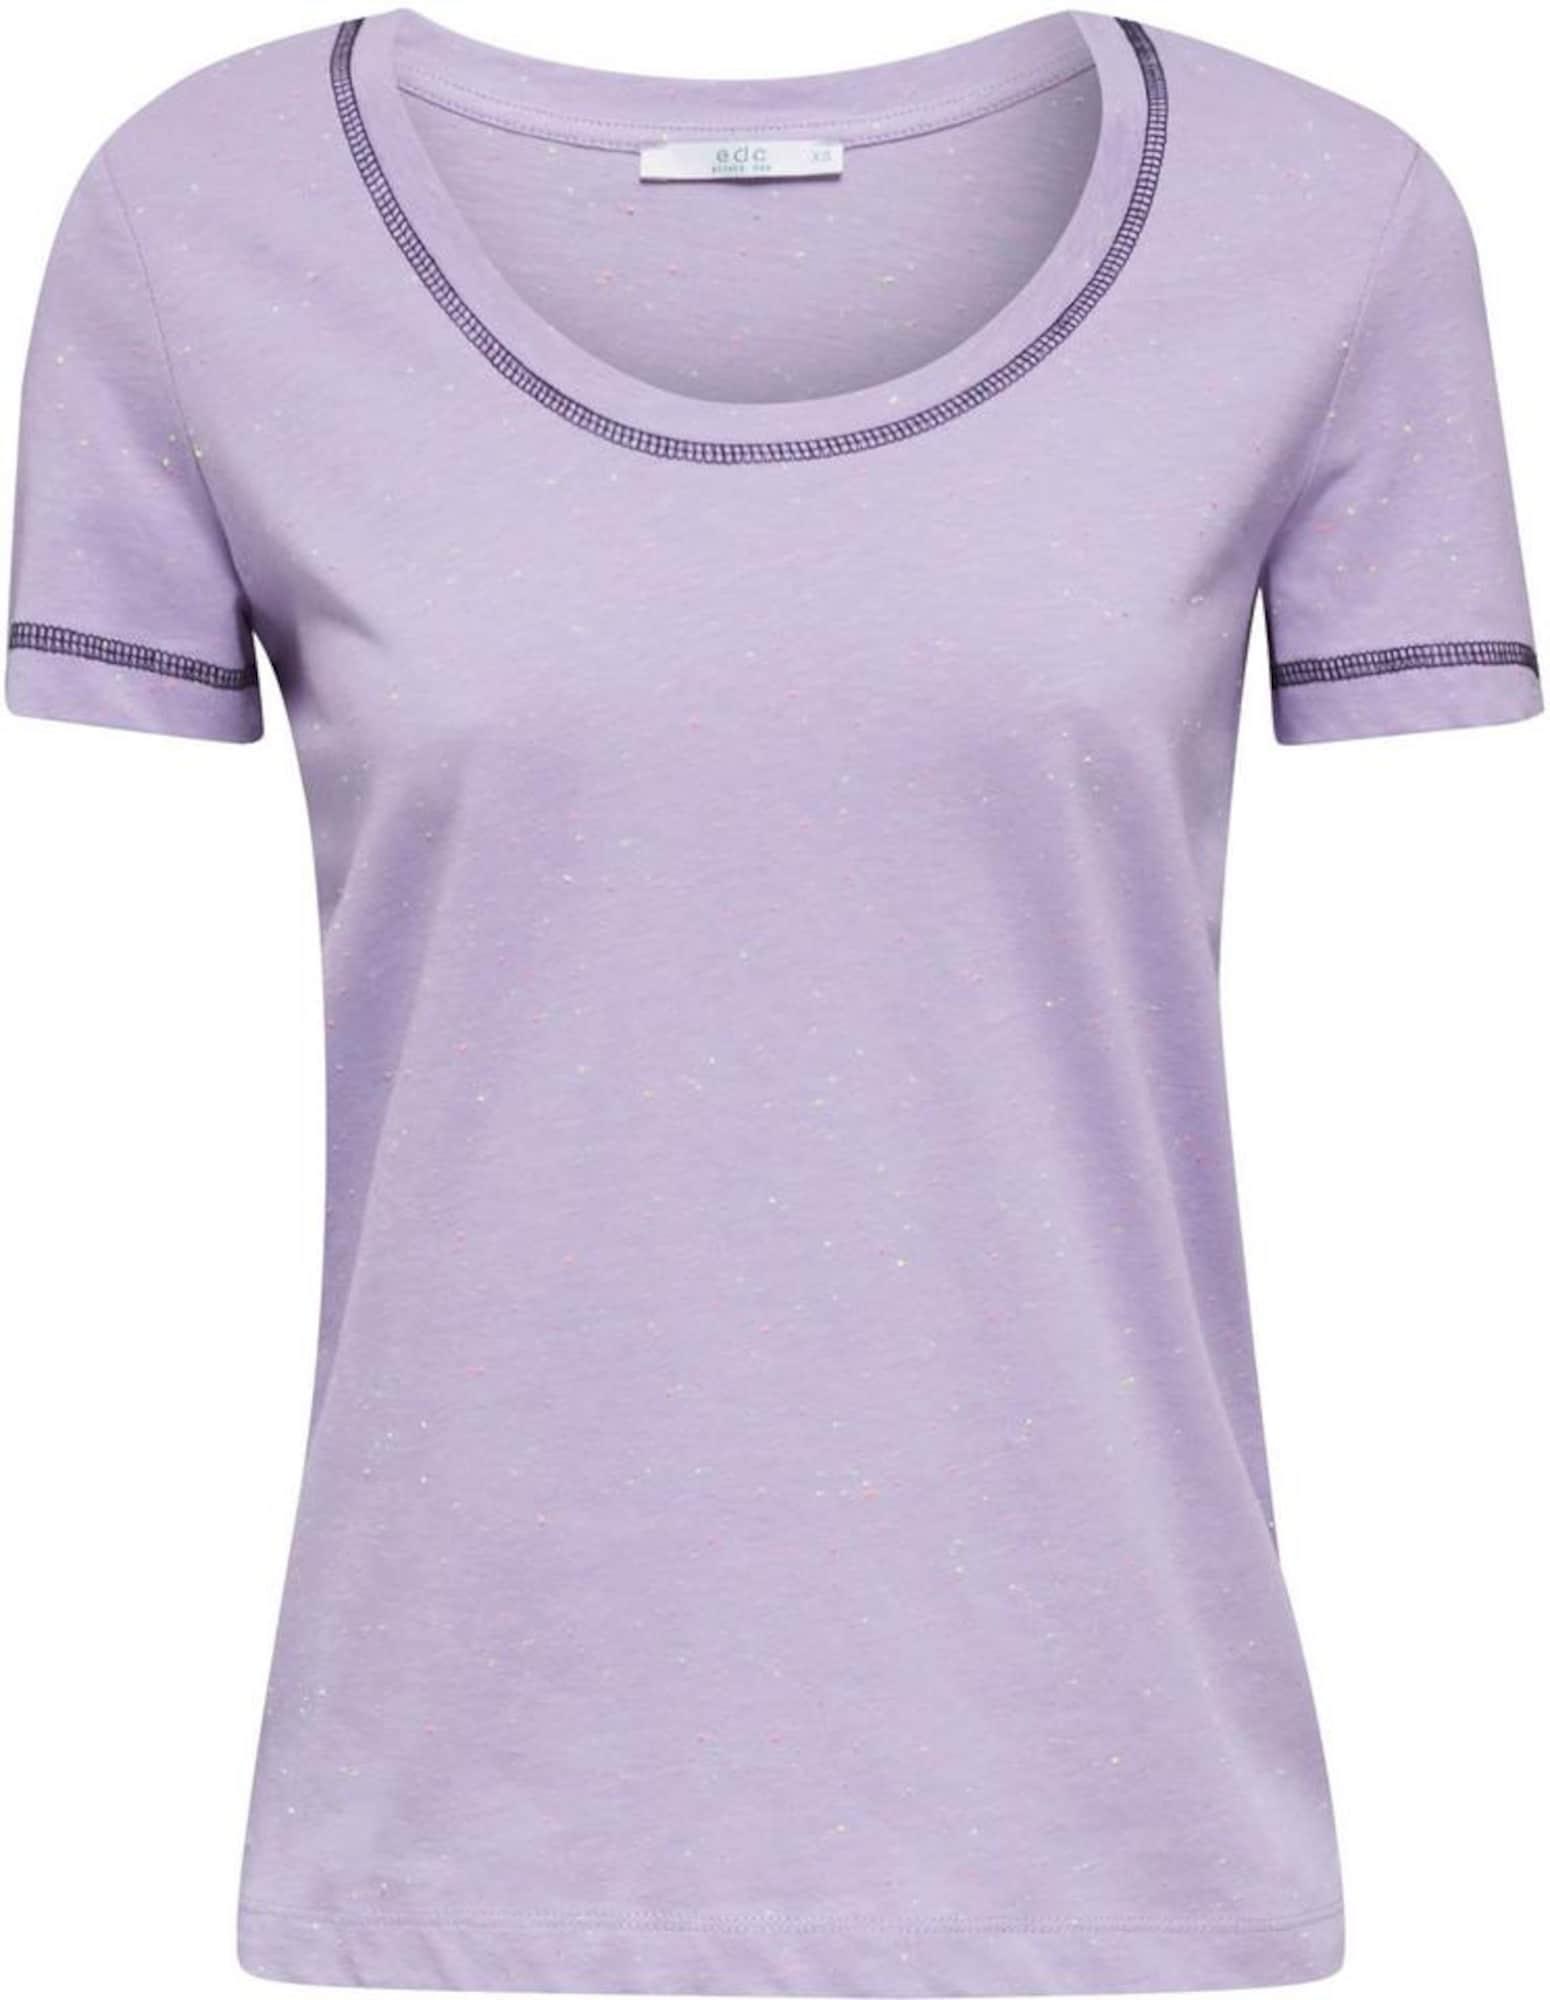 EDC BY ESPRIT Tričko  svetlofialová / fialová / zmiešané farby